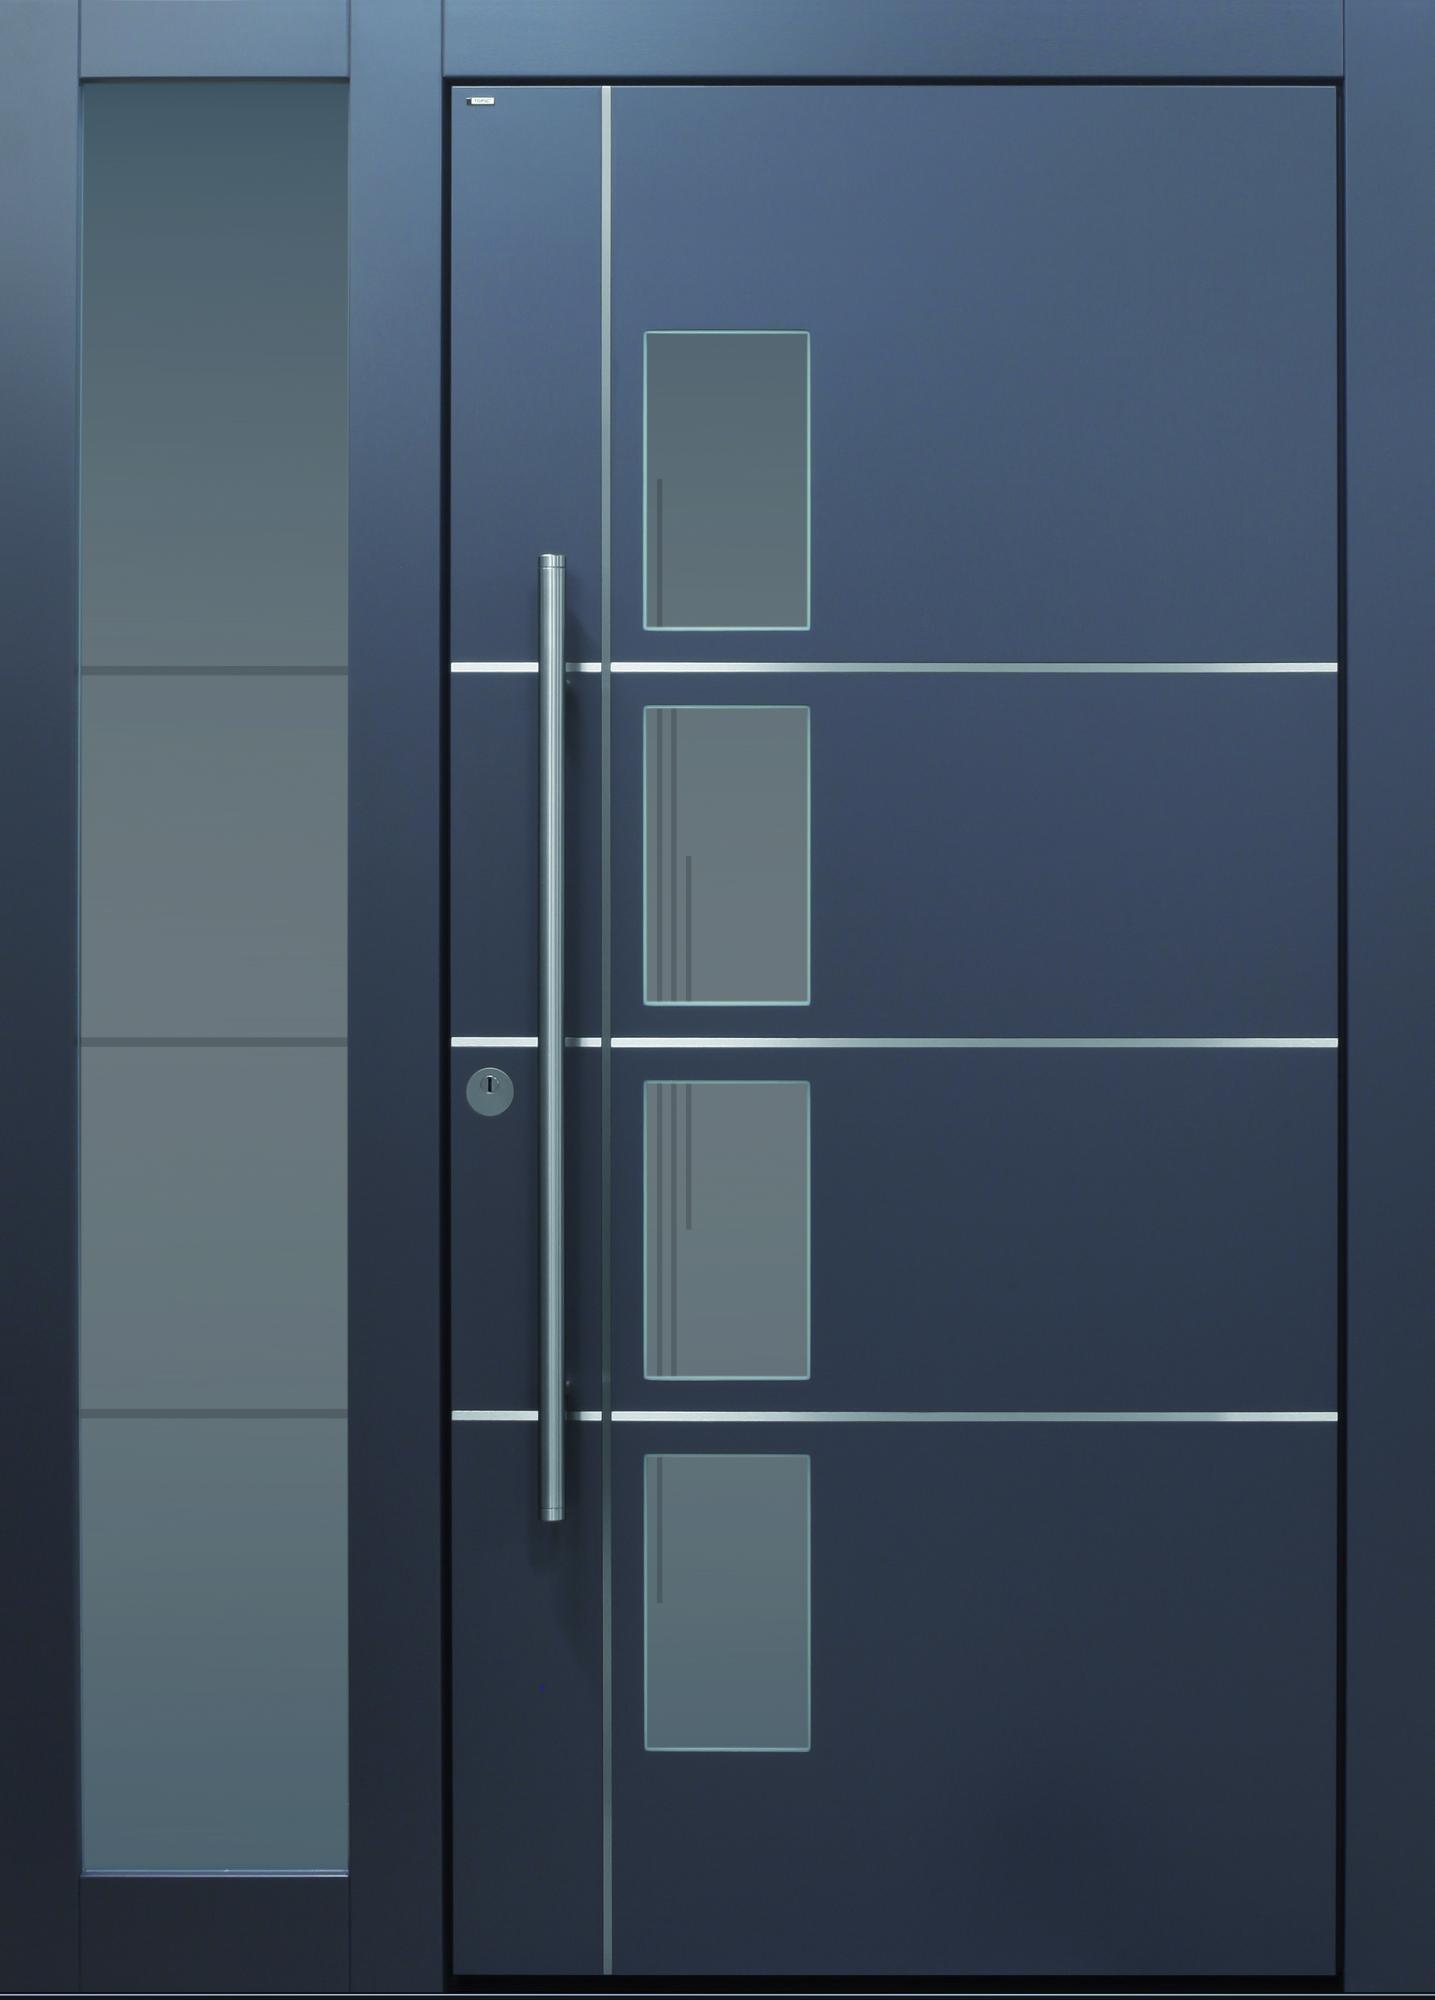 Haustür Modern, Anthrazit, TOPICcore, Sicherheitstür, Passivhaustauglich,  Besser Als Alu, Seitenteil